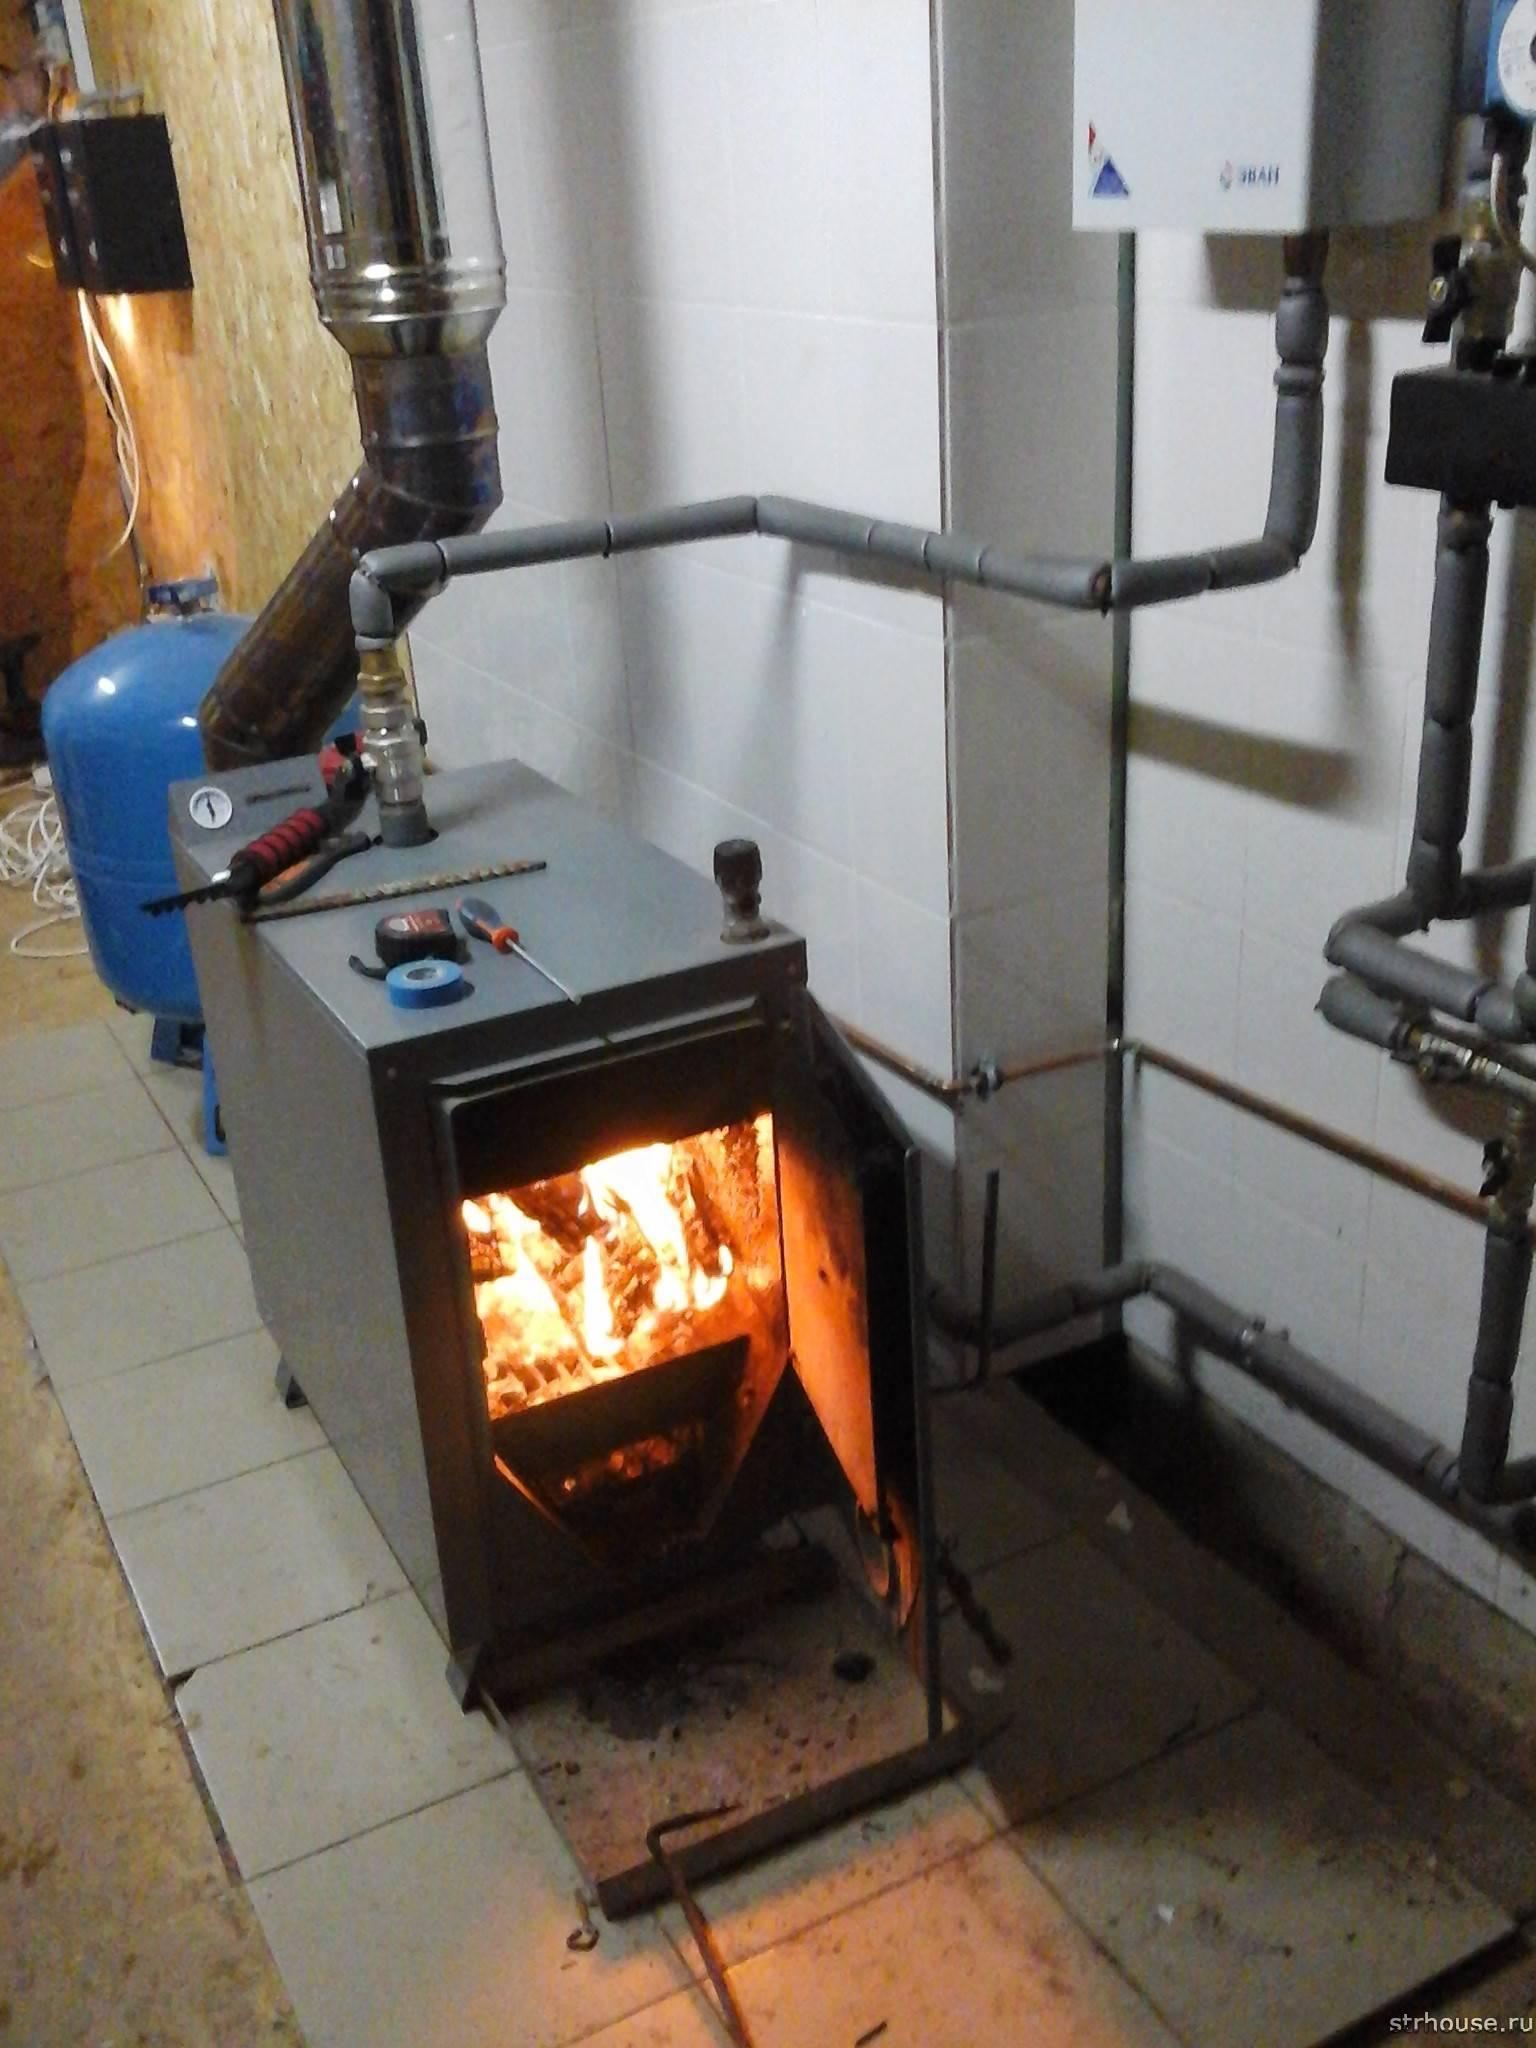 Дровяное отопление: печное, водяное, каминное, плюсы и минусы обогрева на дровах